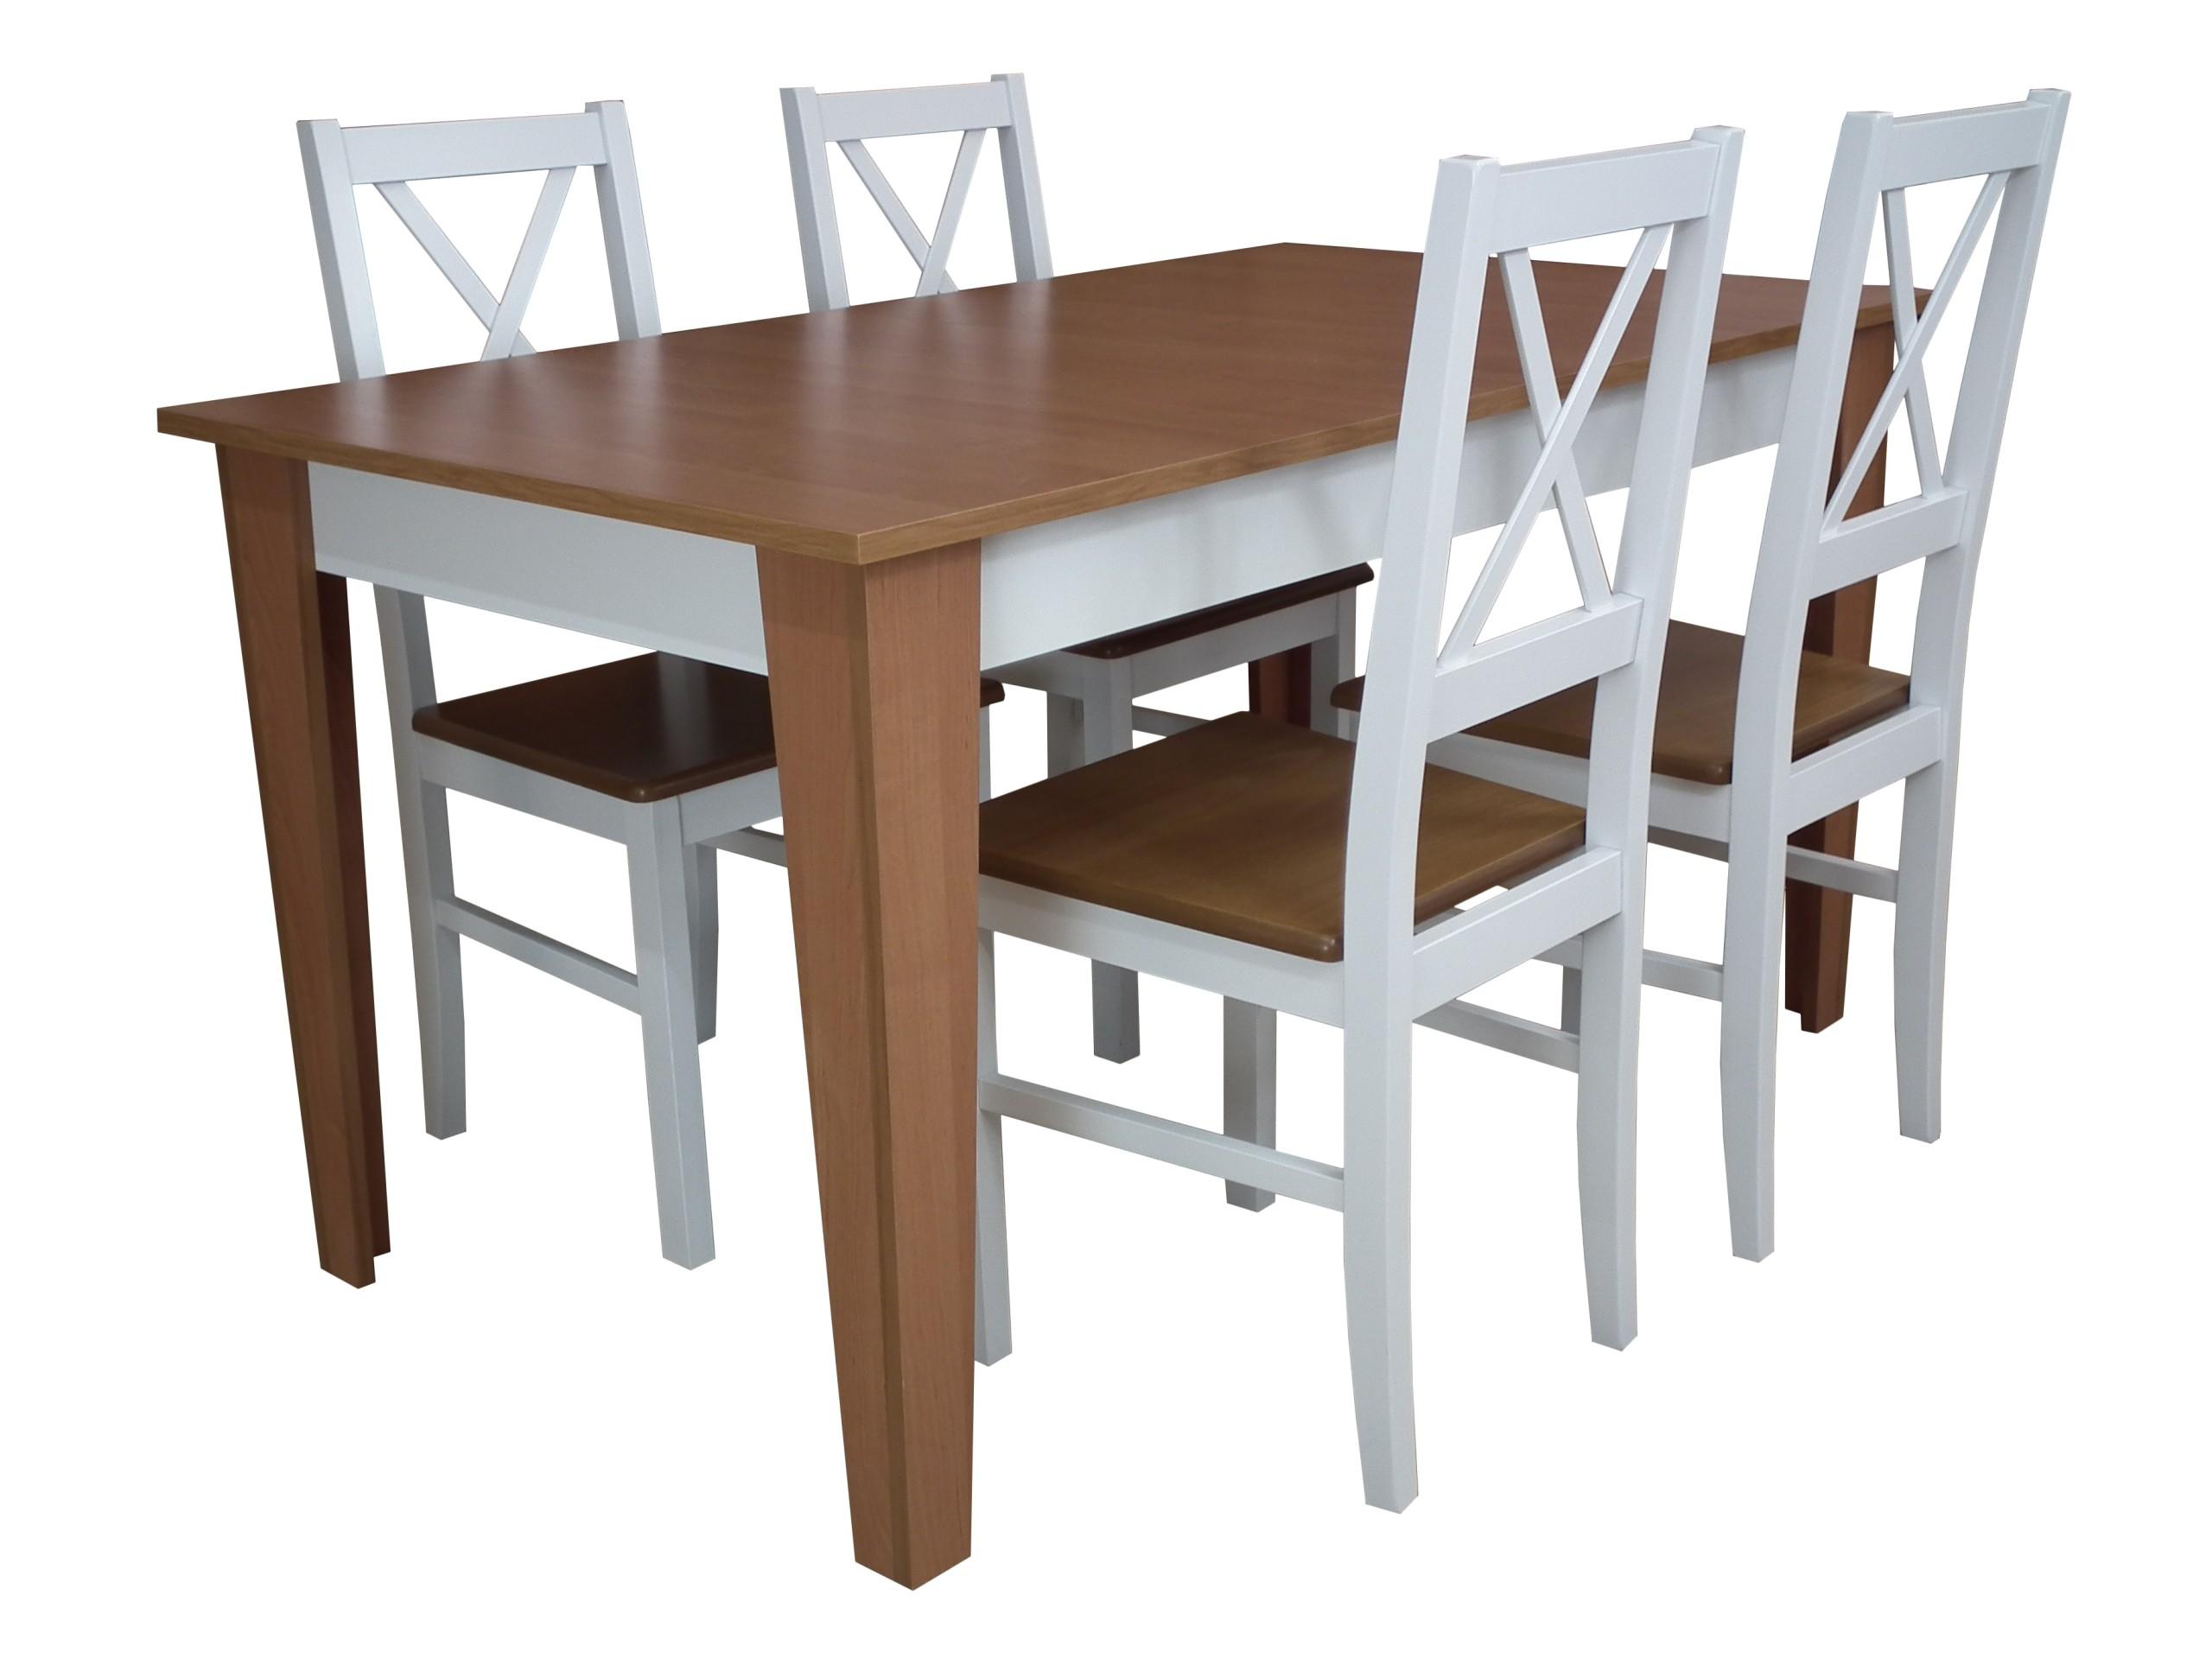 Maly Stol Do Jadalni Z 4 Krzeslami Drewnianymi